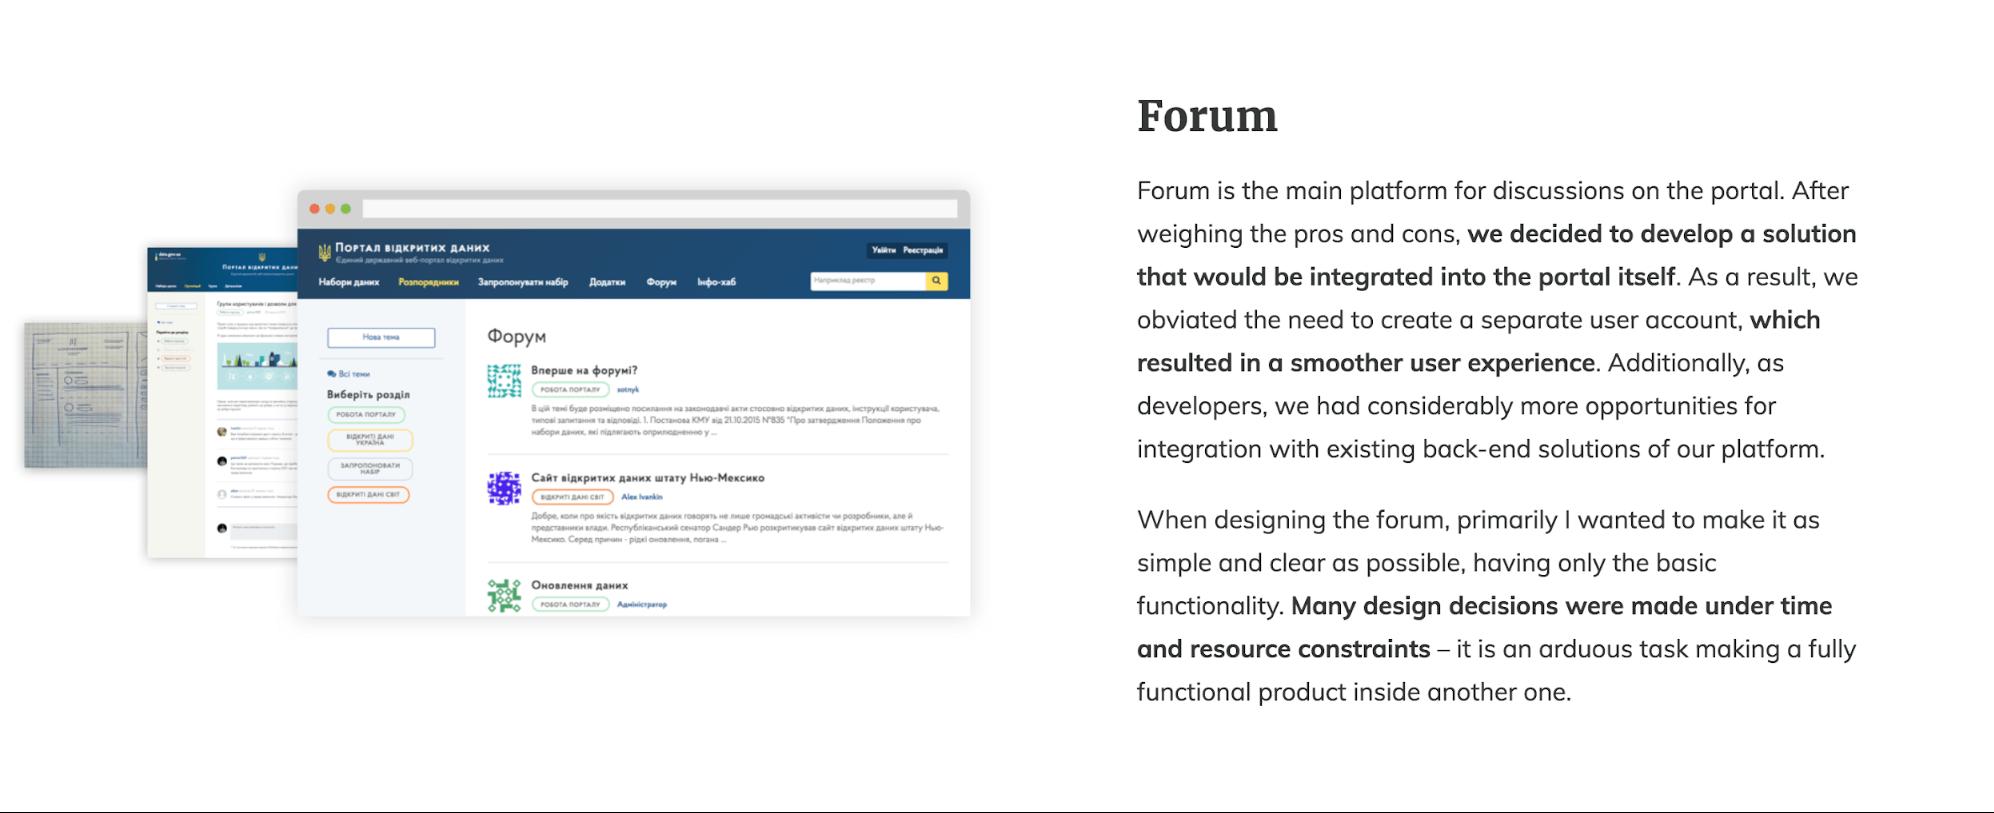 UX Portfolio Checklist - Copy - Example 1